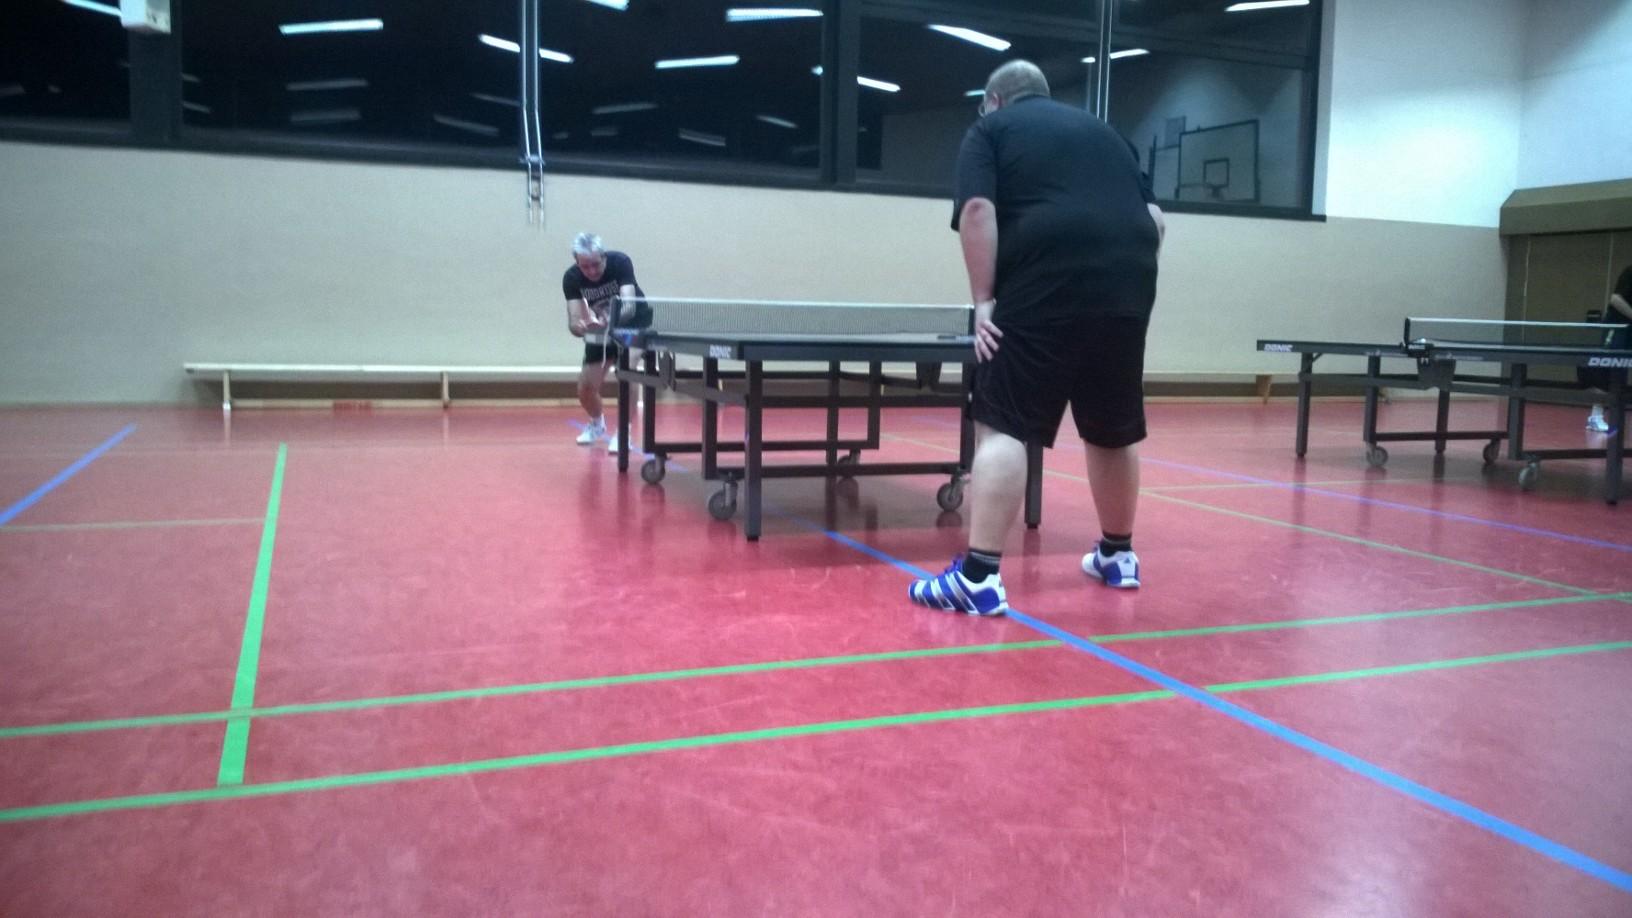 Halbfinale der Trostrunde sieht André als Sieger über Kai